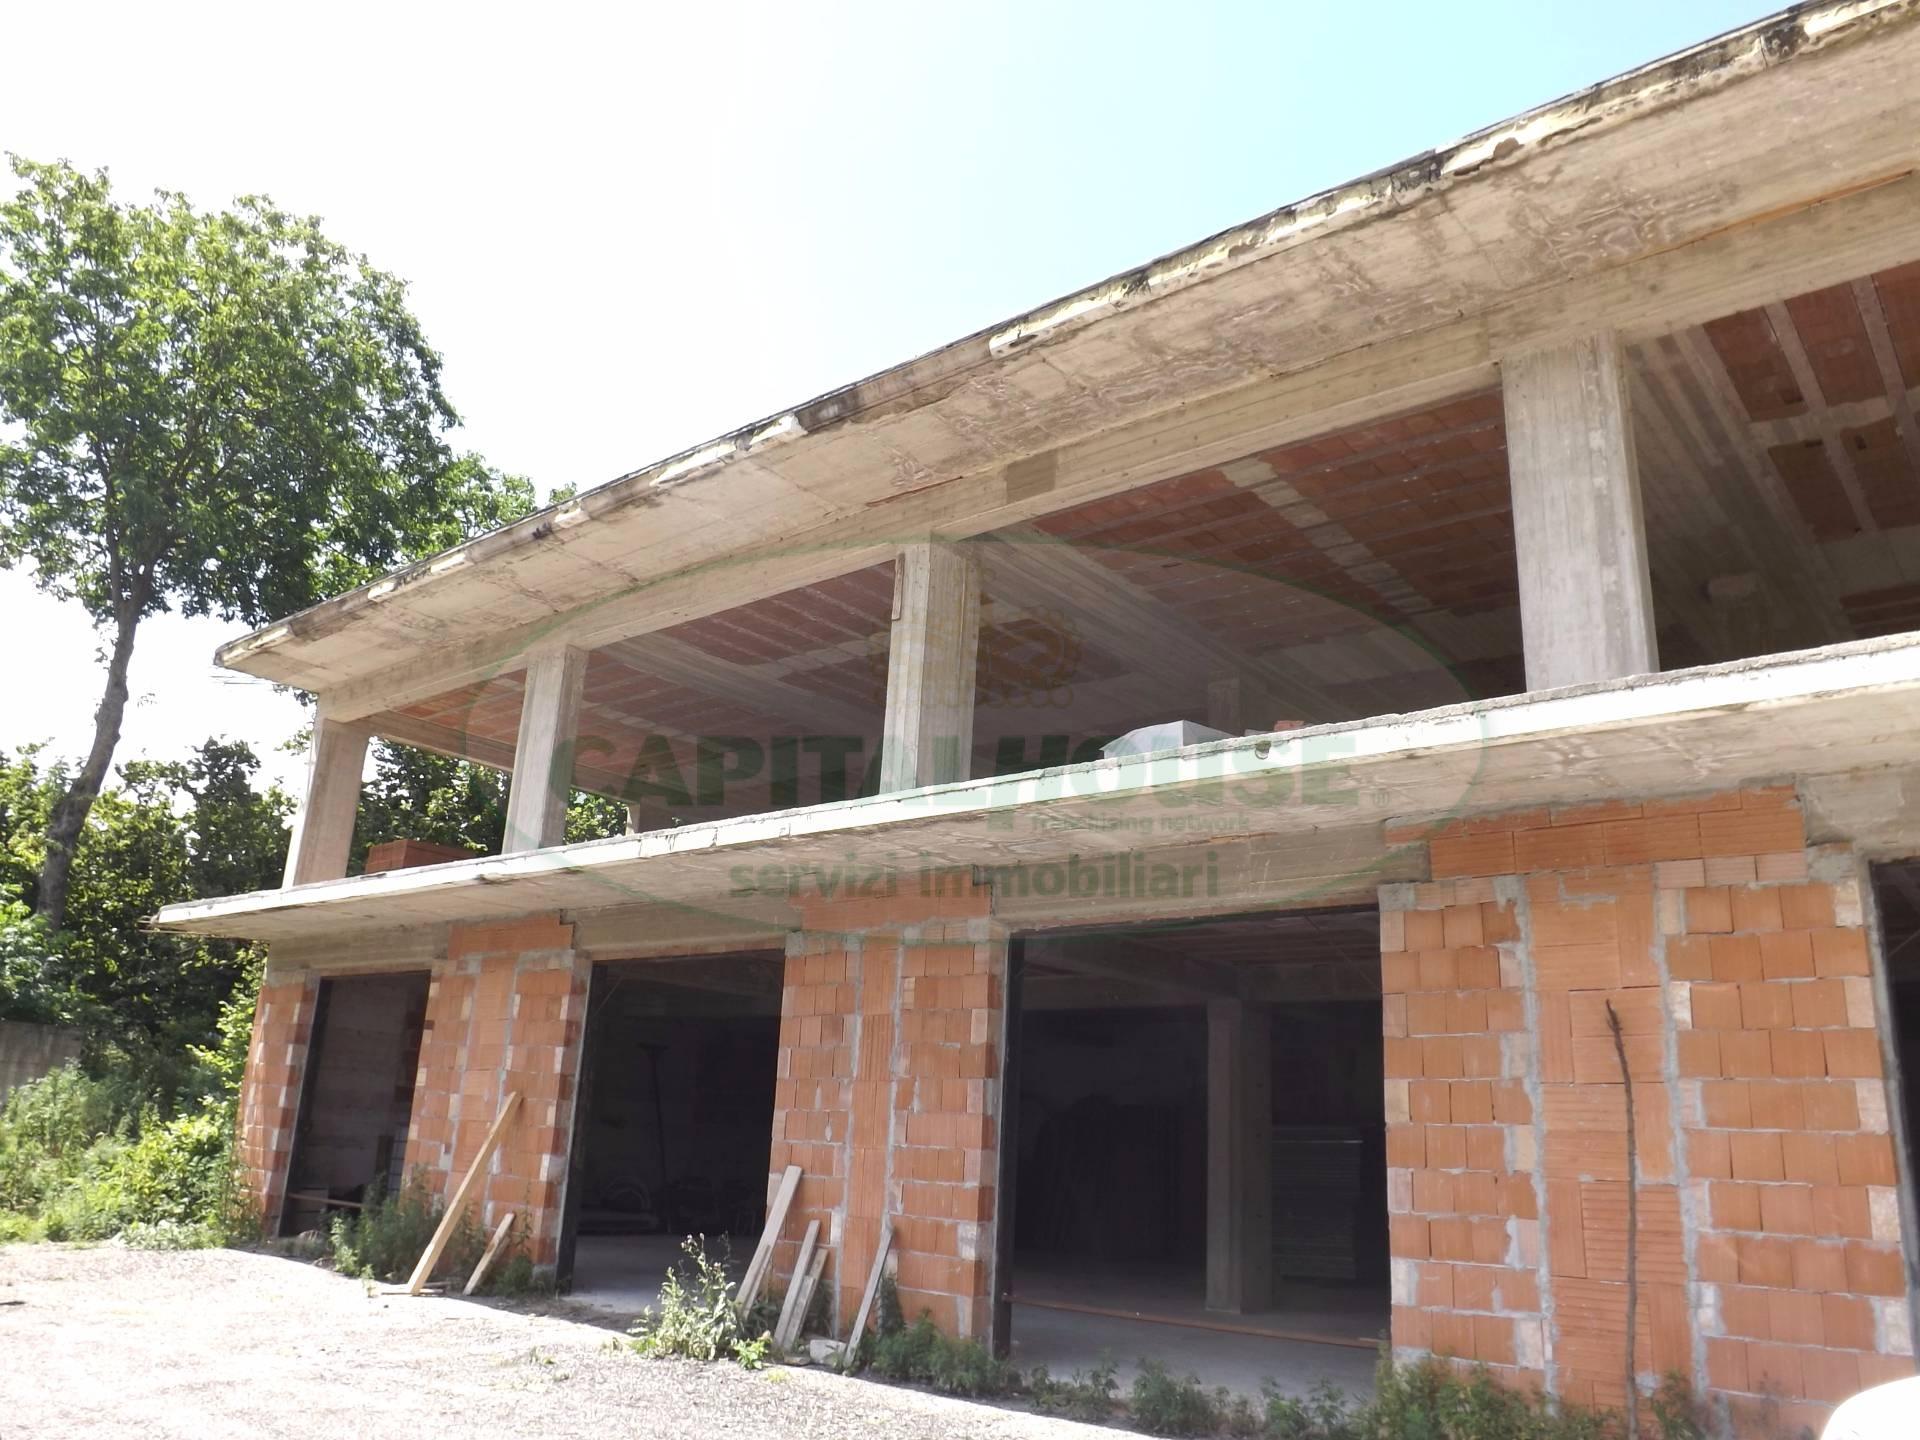 Villa in vendita a Santa Lucia di Serino, 1 locali, prezzo € 250.000 | CambioCasa.it